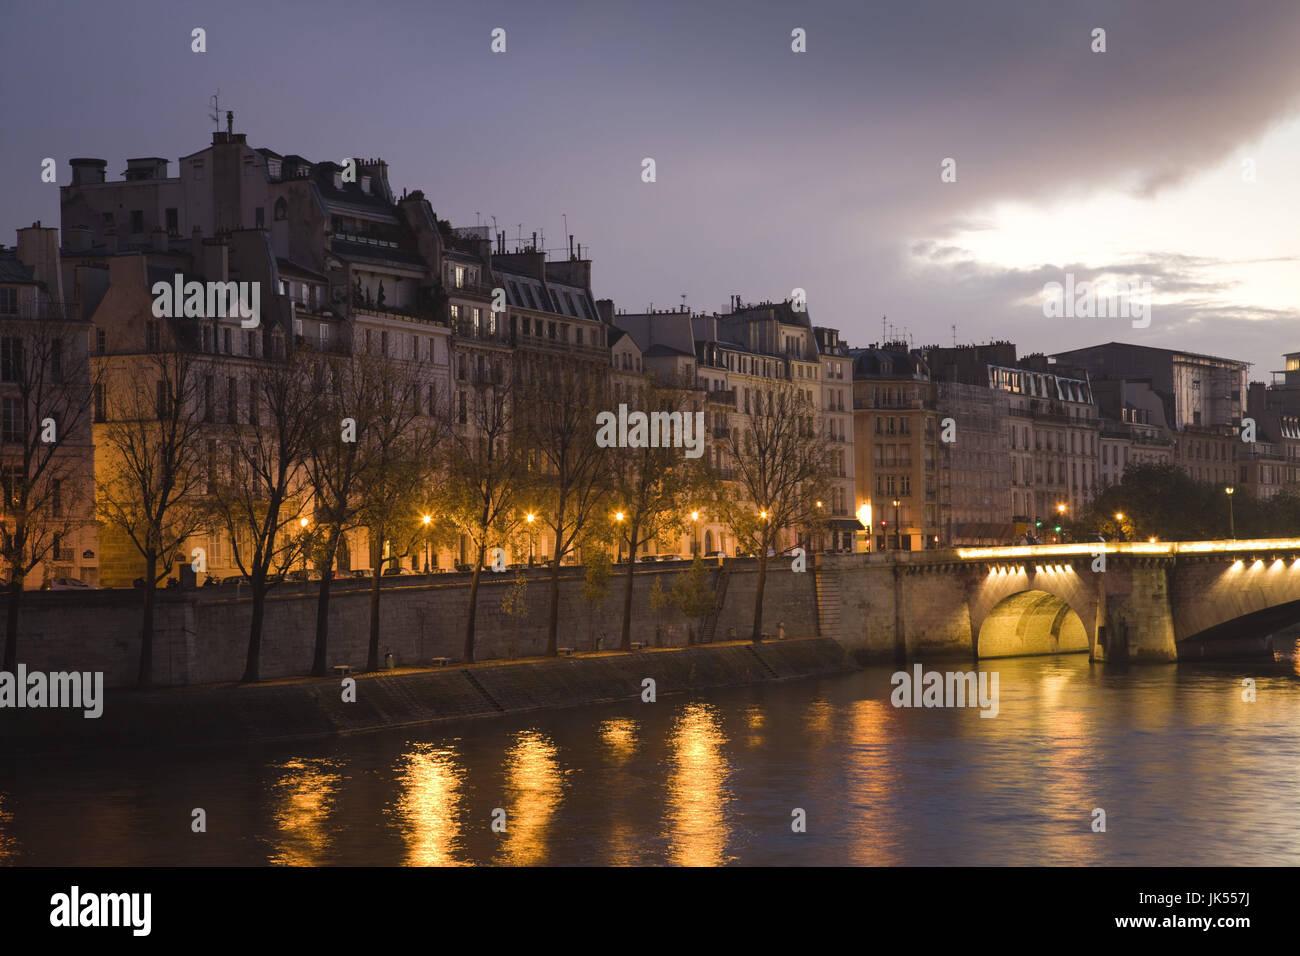 France, Paris, Ile St-Louis, dawn - Stock Image